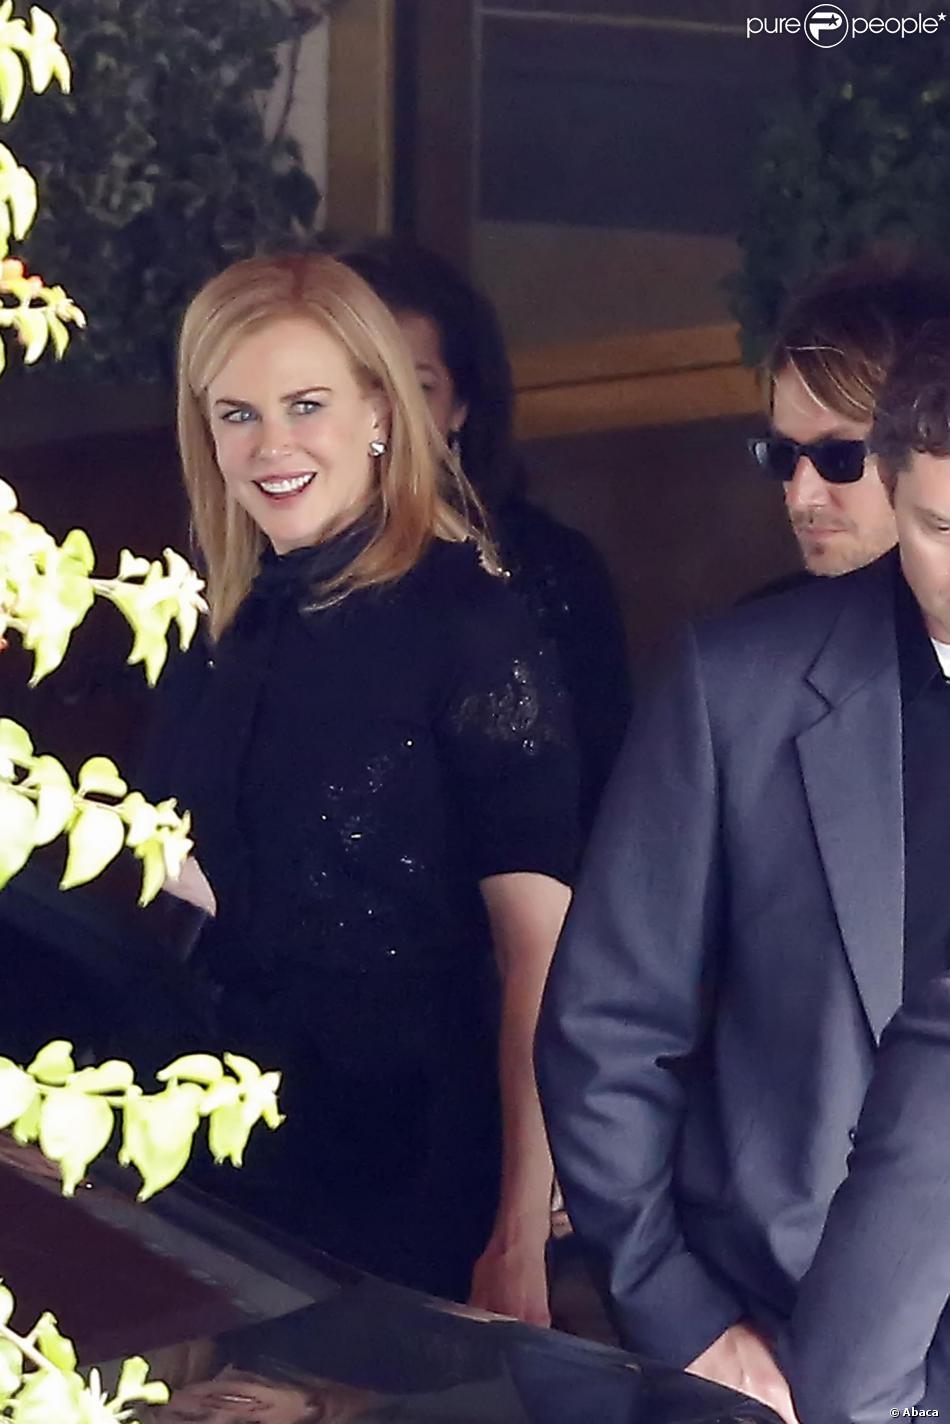 Nicole Kidman et son mari Keith Urban lors des funérailles de L'Wren Scott à Los Angeles, le 25 mars 2014.